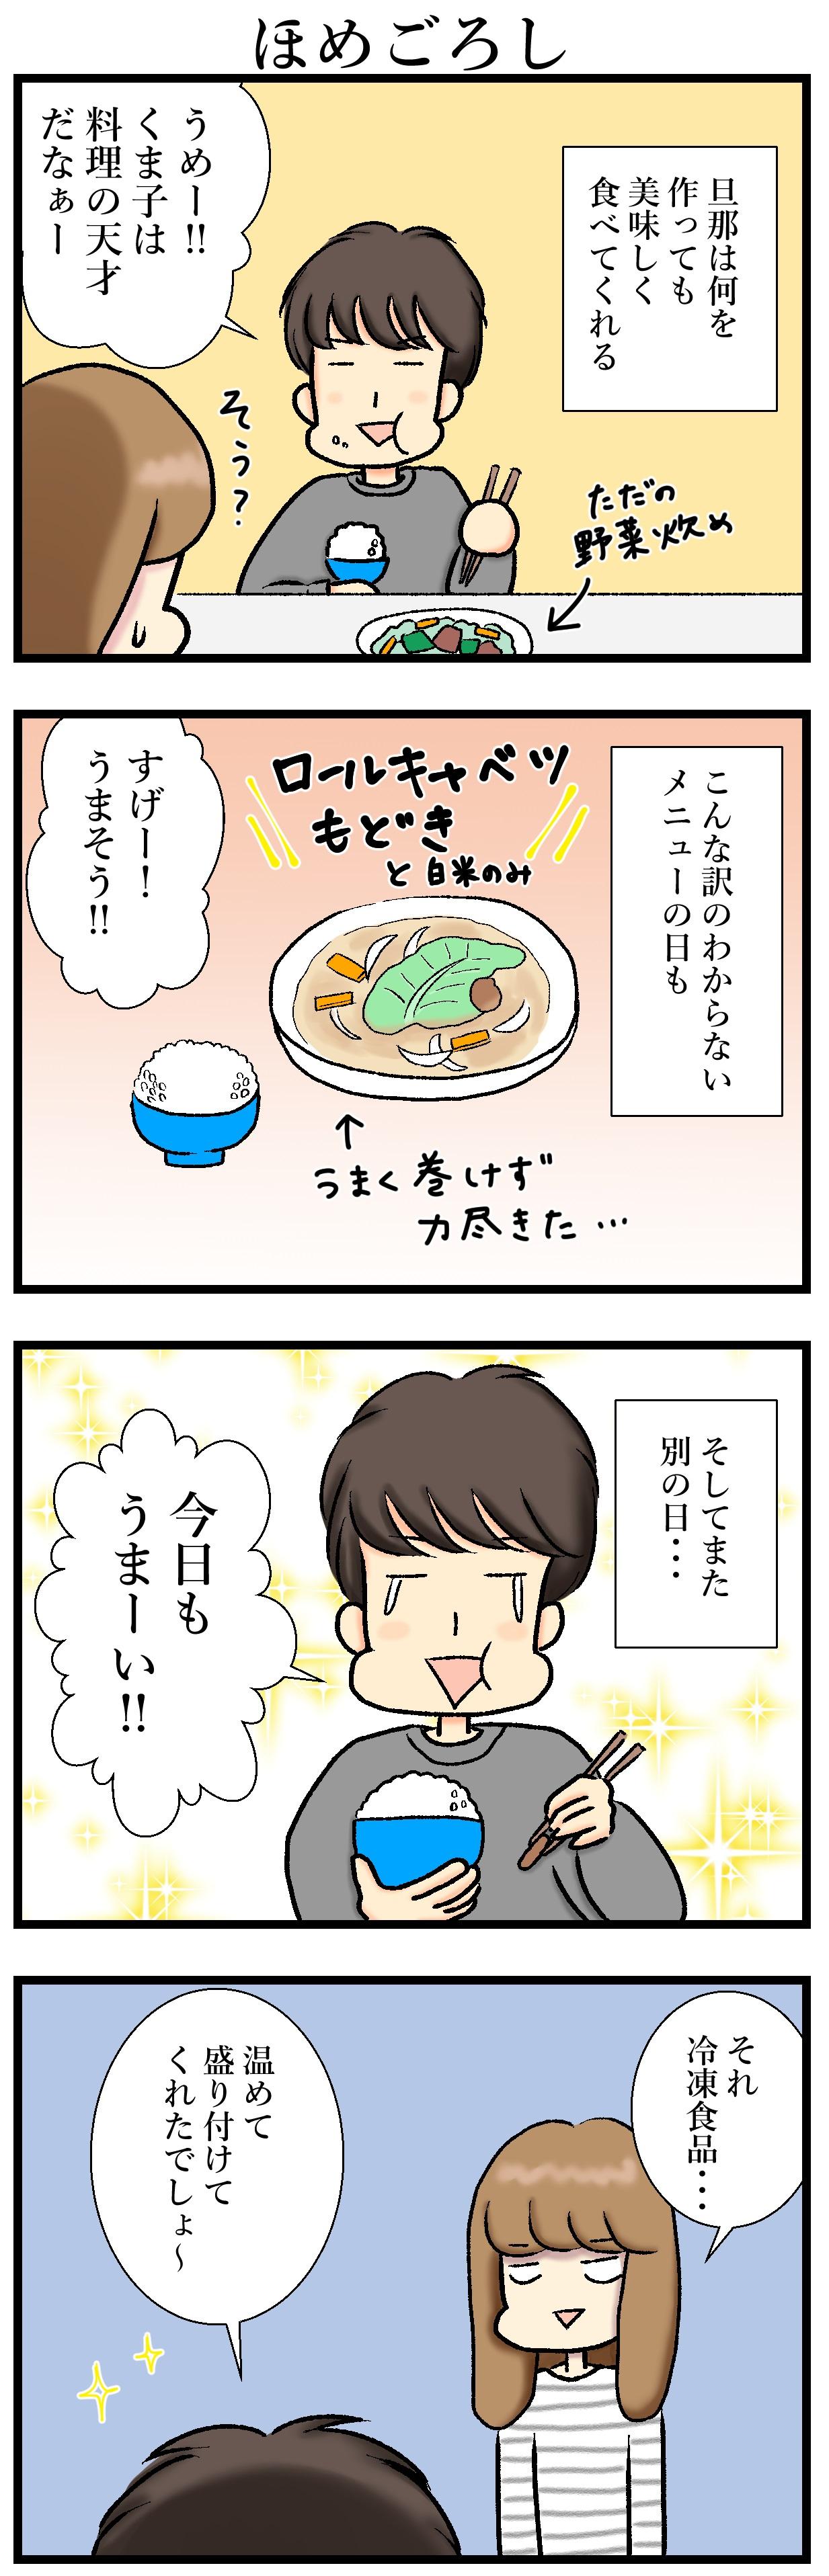 【エッセイ漫画】アラサー主婦くま子のふがいない日常(7)